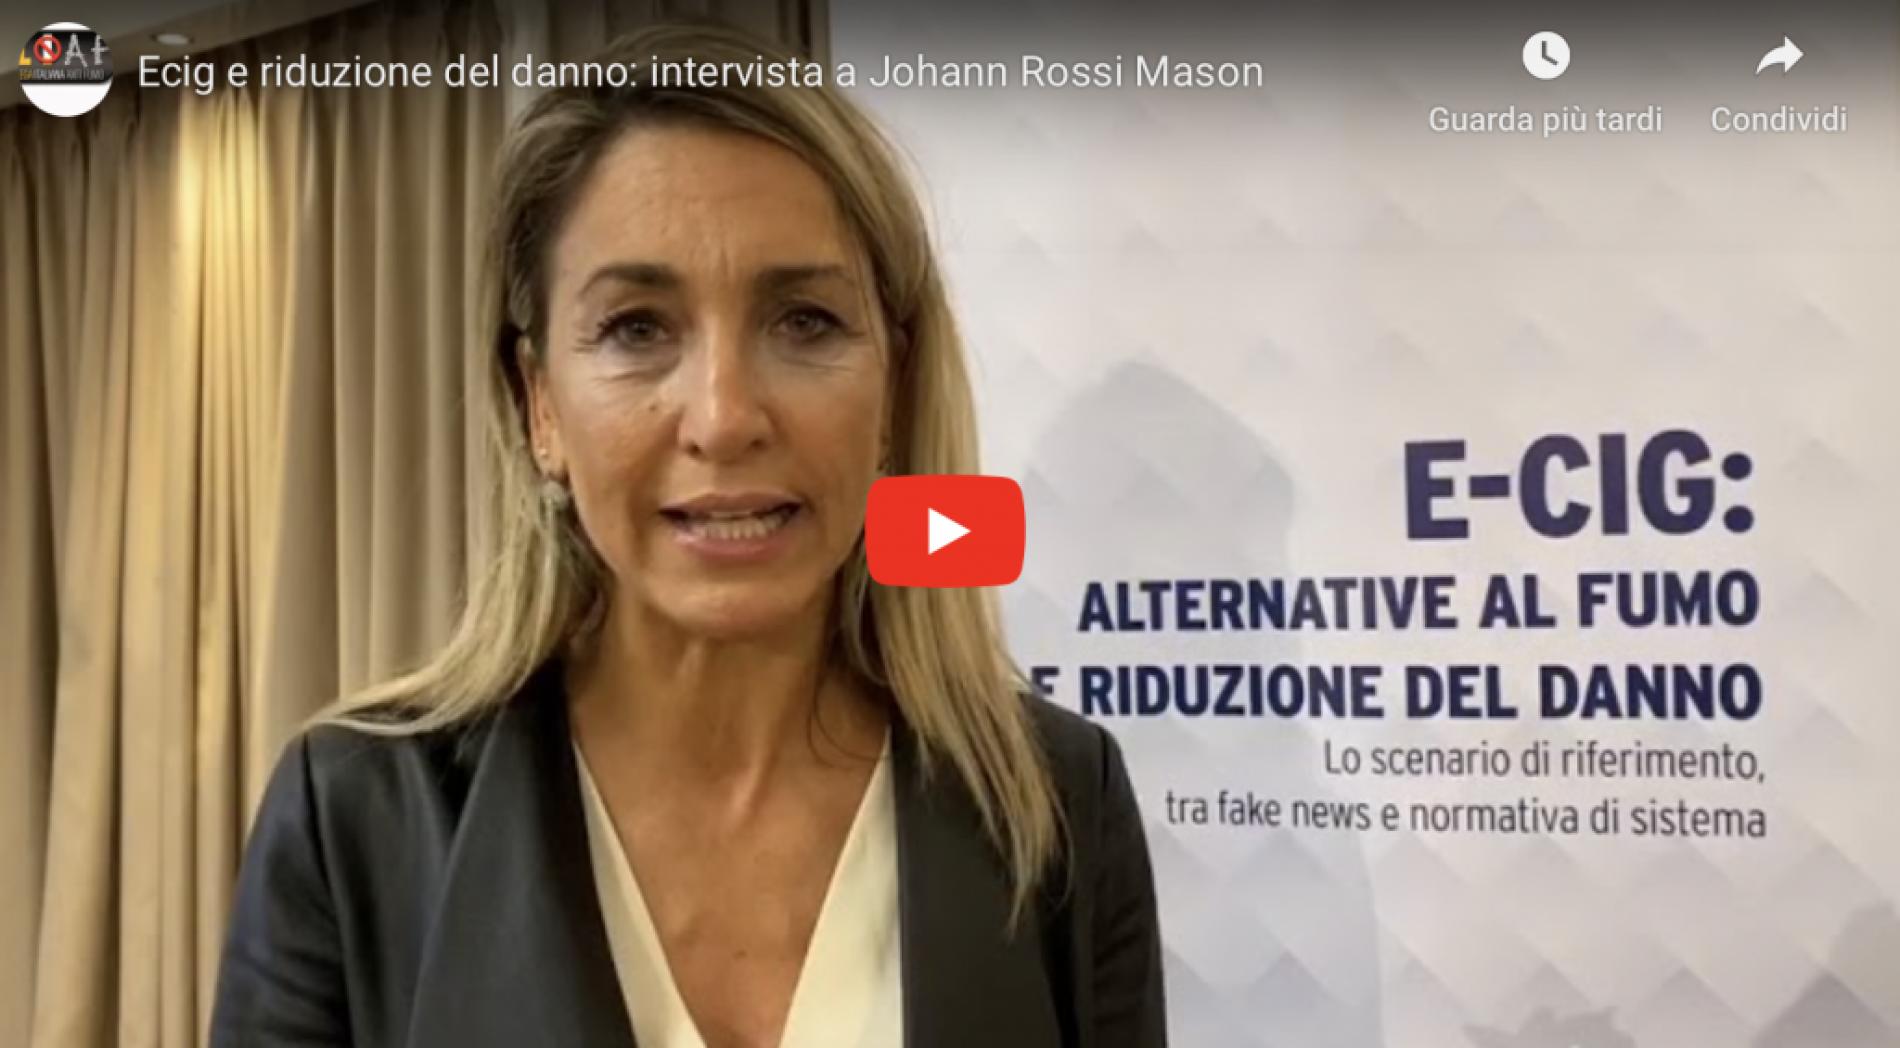 Intervista alla scrittrice Johann Rossi Mason